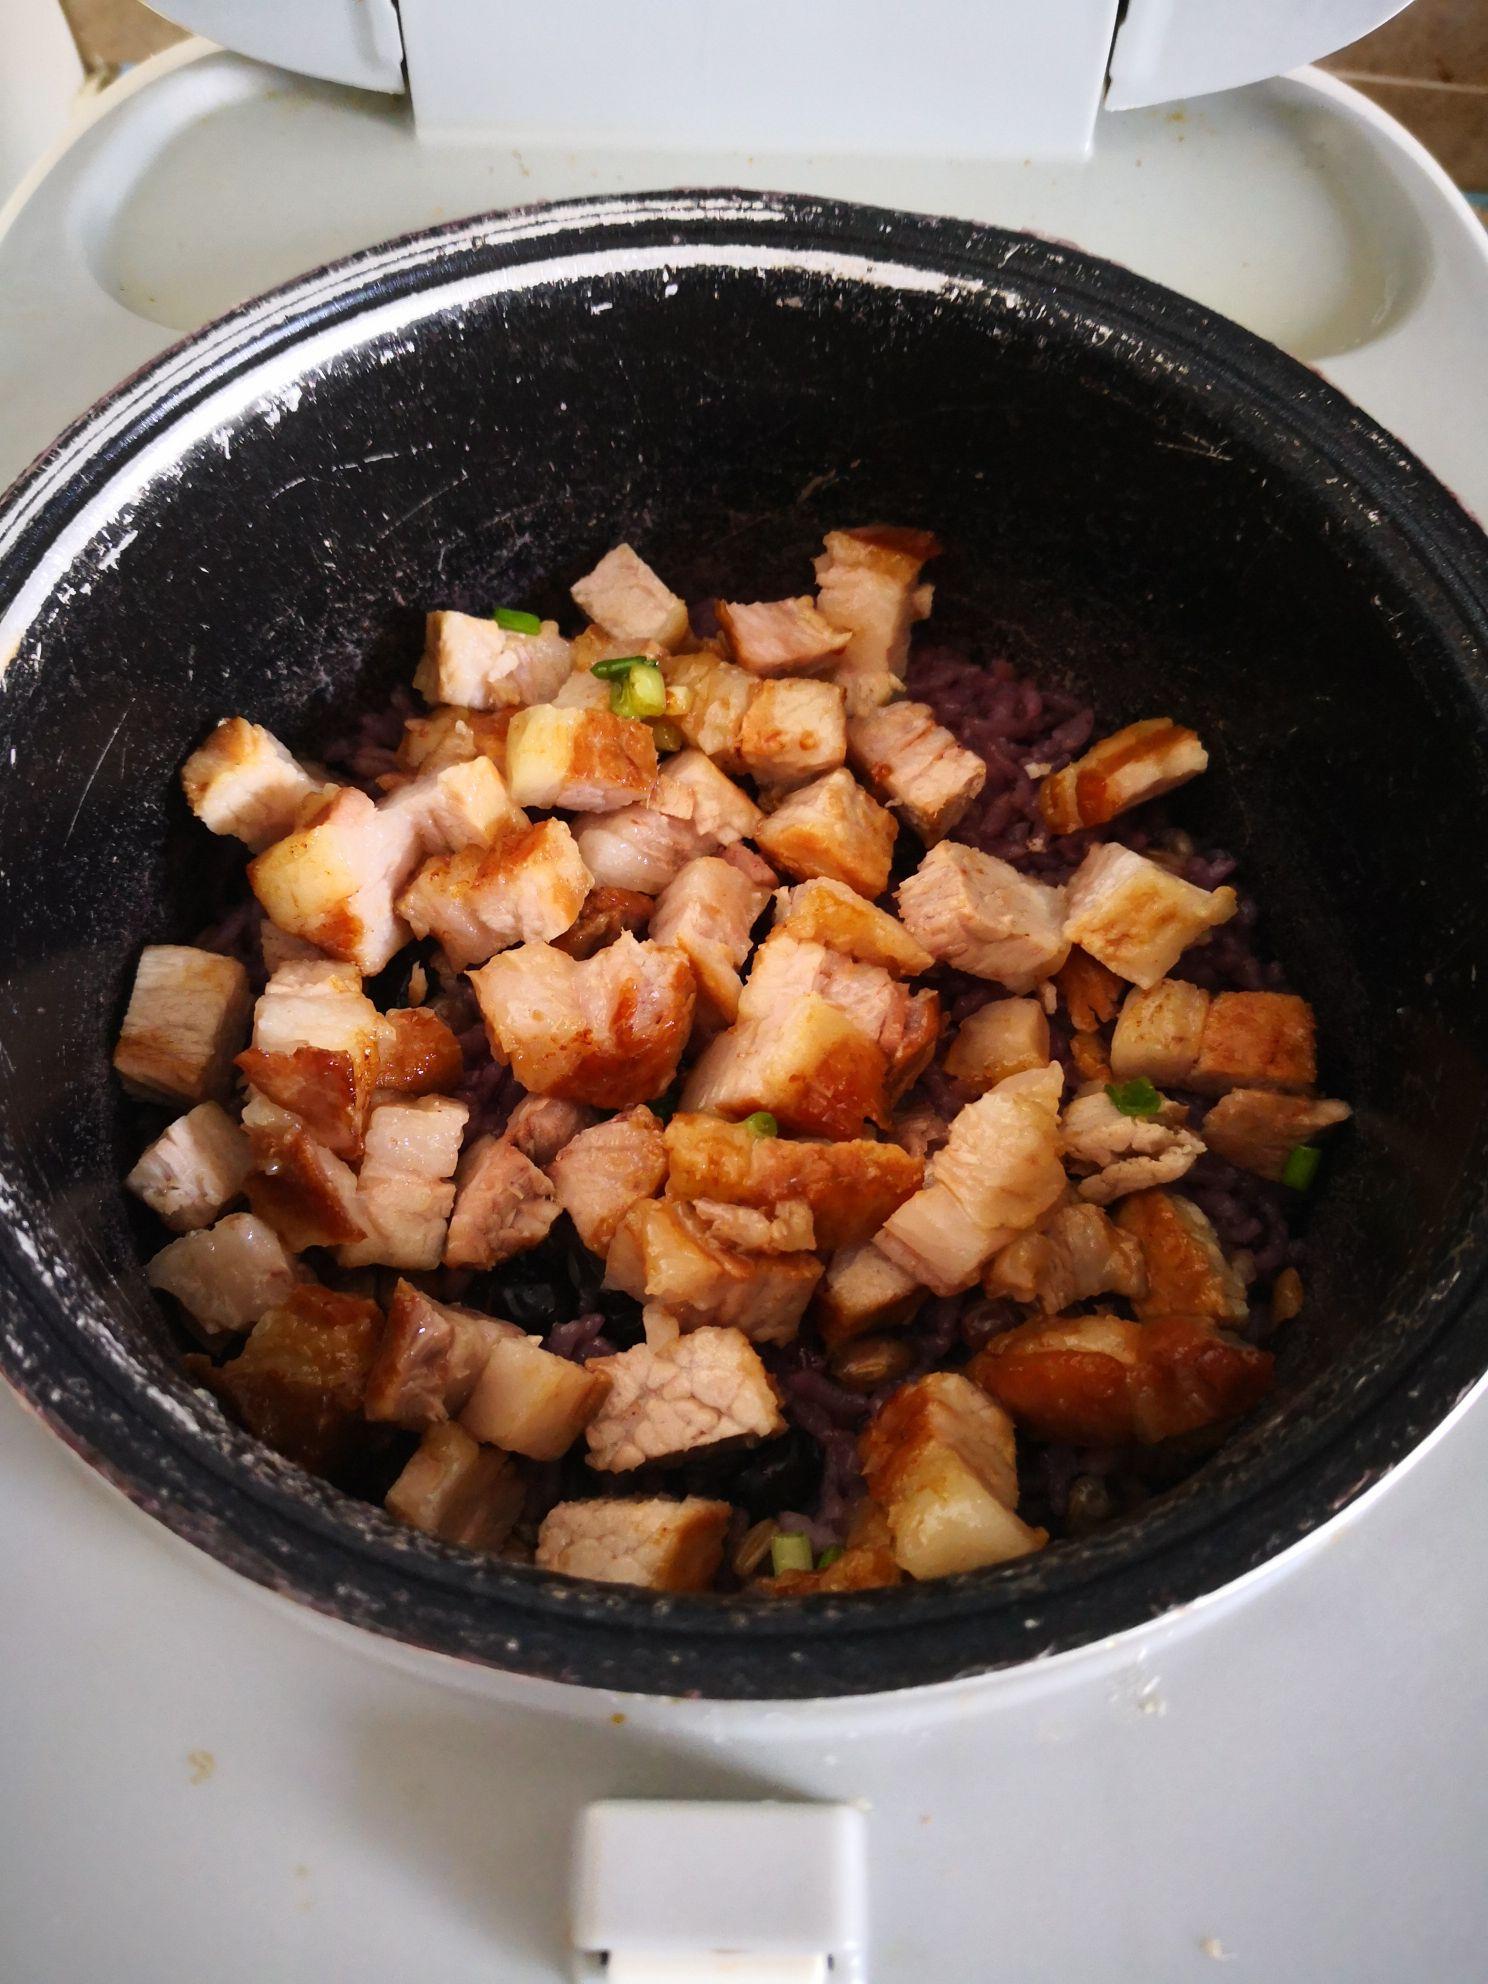 酱肉焖多谷米怎样炒